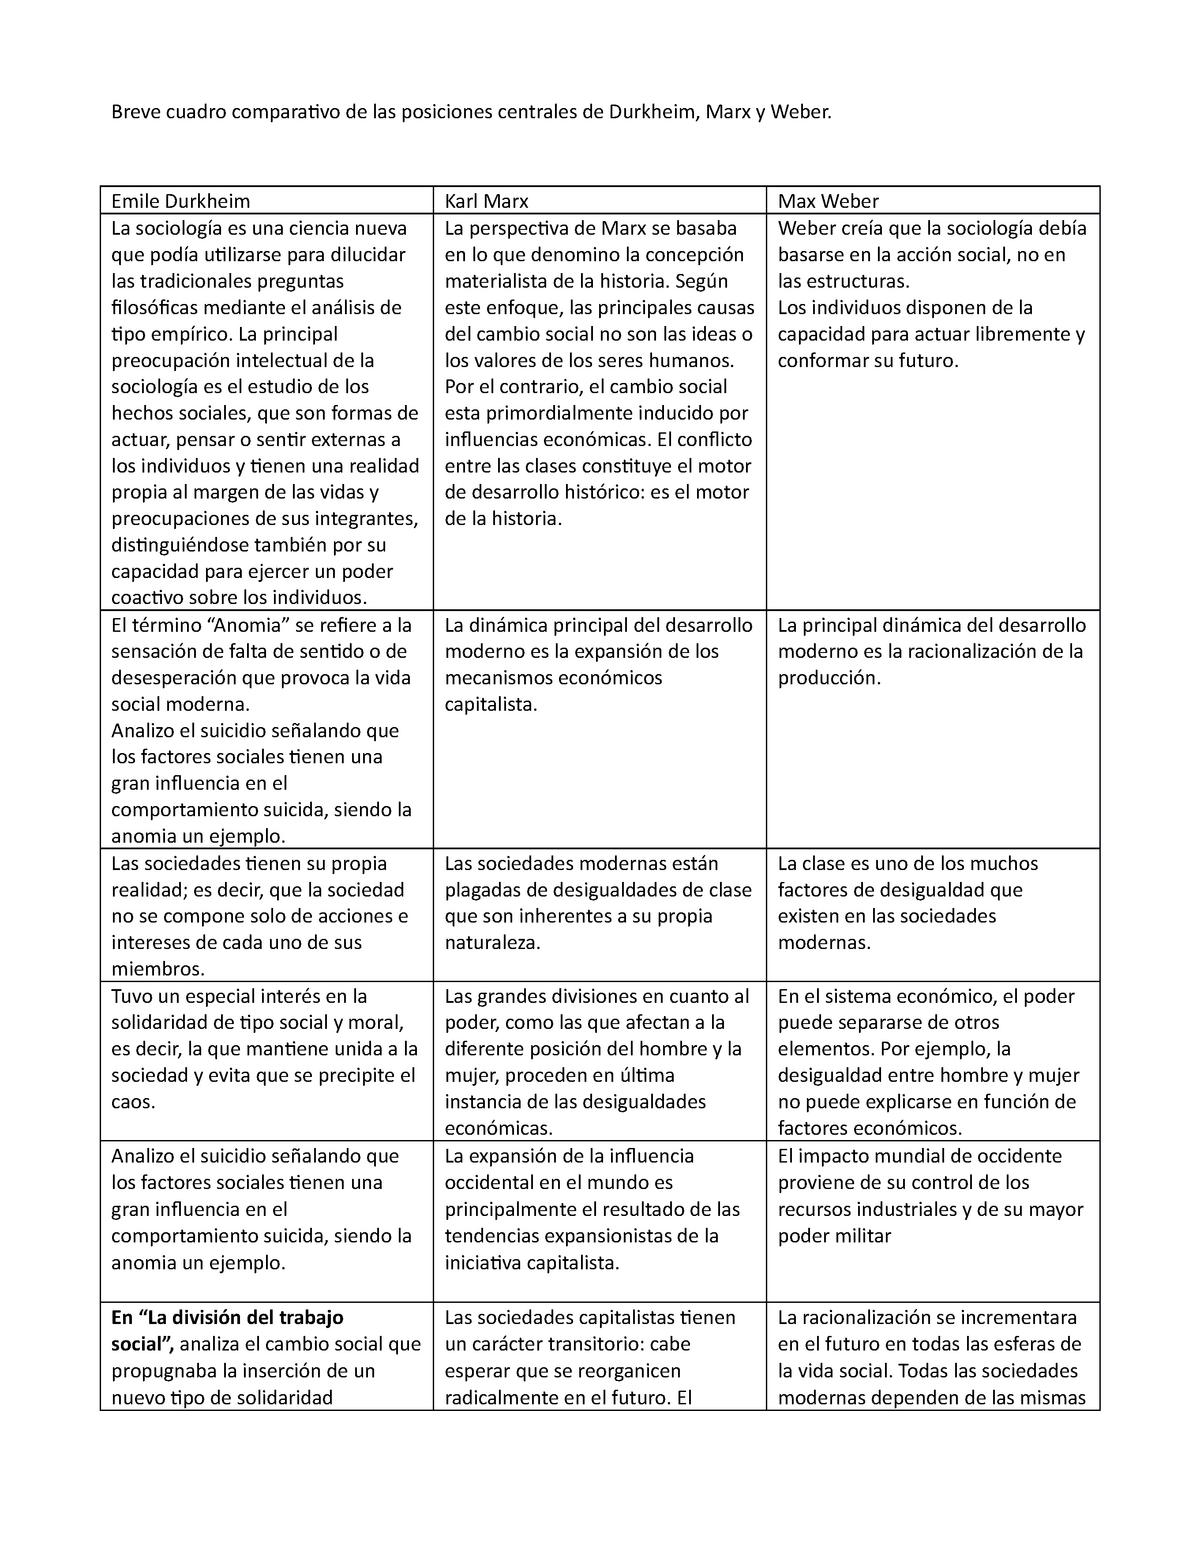 Cuadro Comparativo De Las Posiciones Centrales De Durkheim